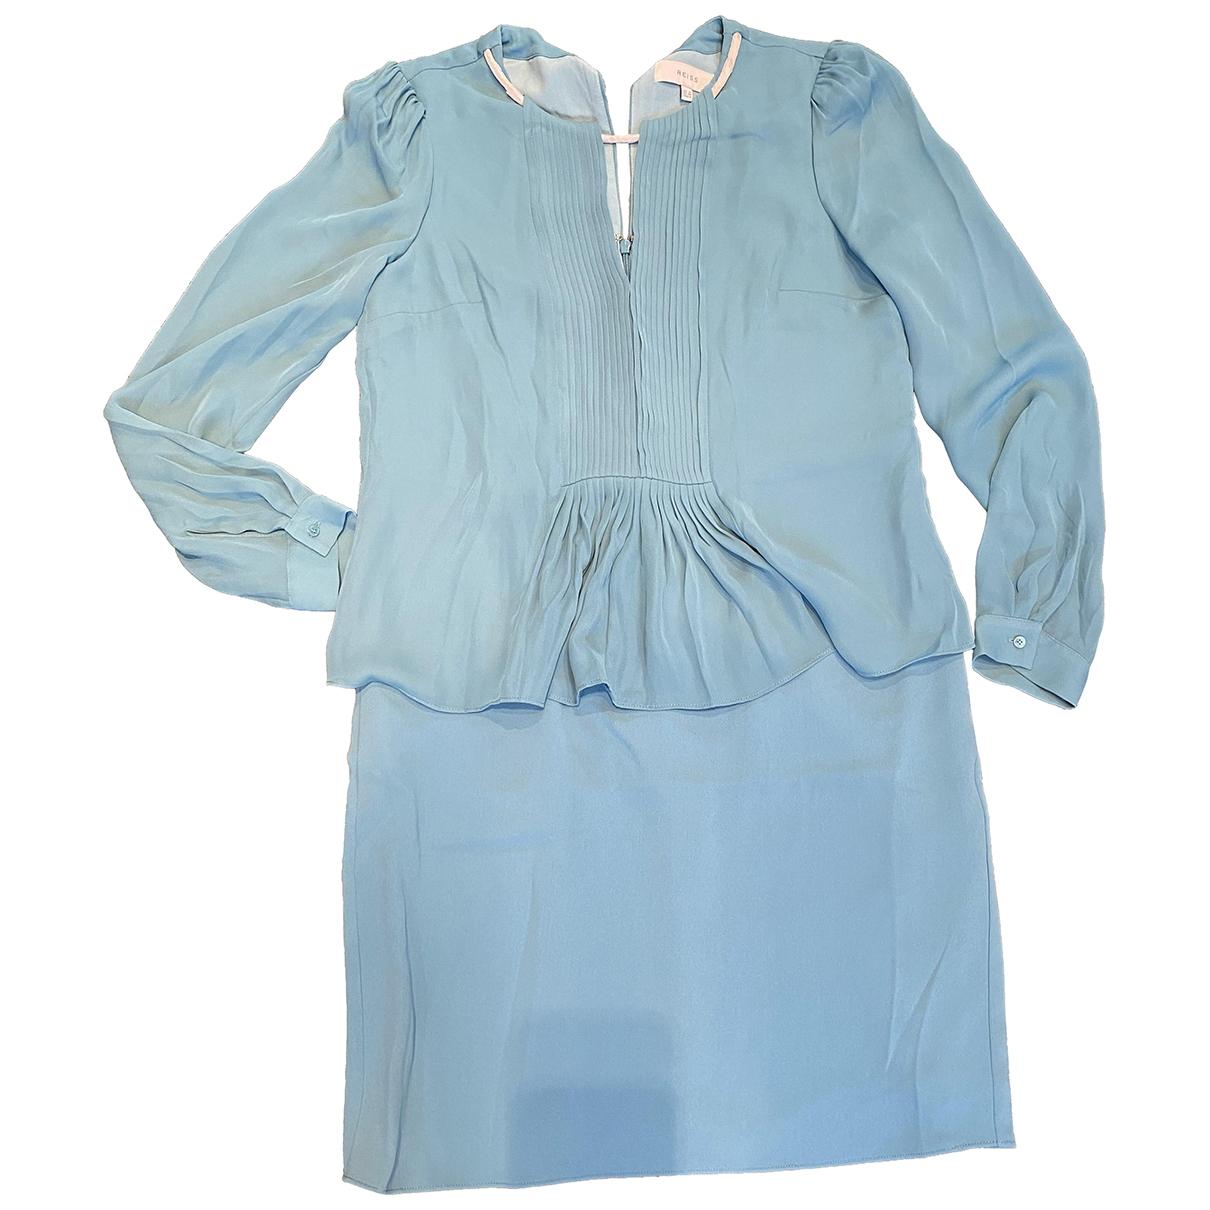 Reiss \N Kleid in  Tuerkis Polyester